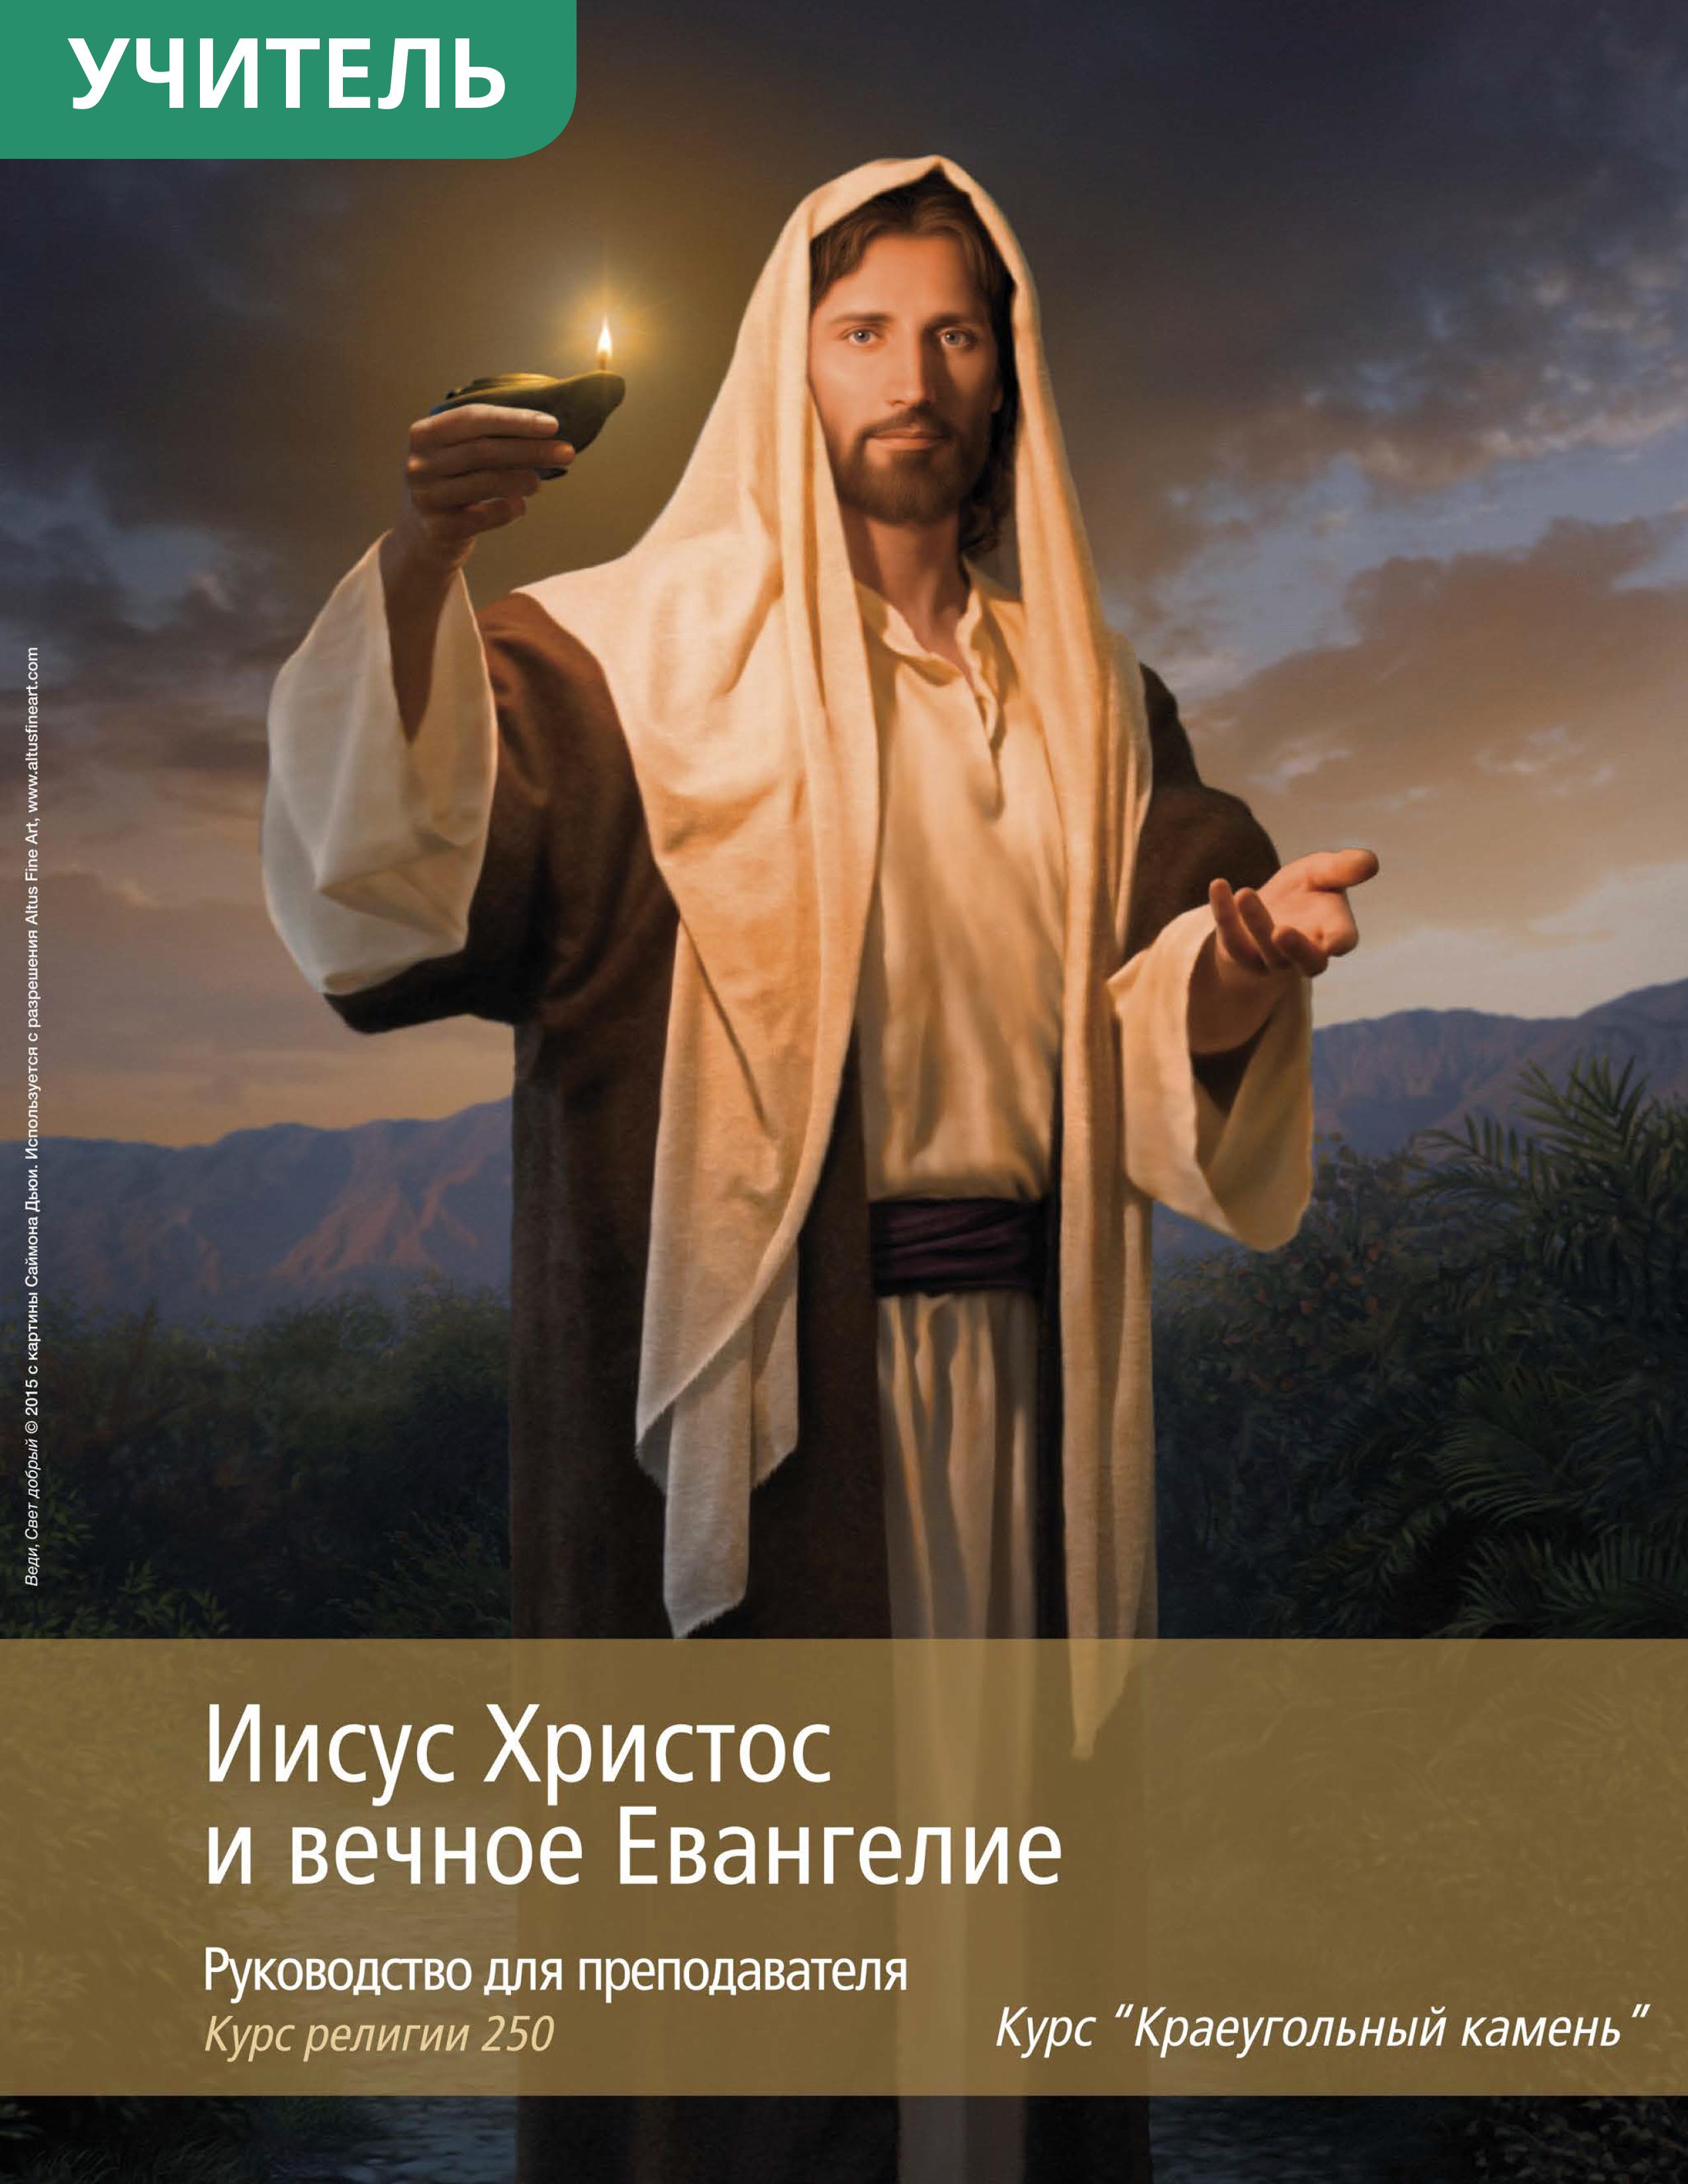 Иисус Христос и вечное Евангелие. Руководство для преподавателя (КР 250)